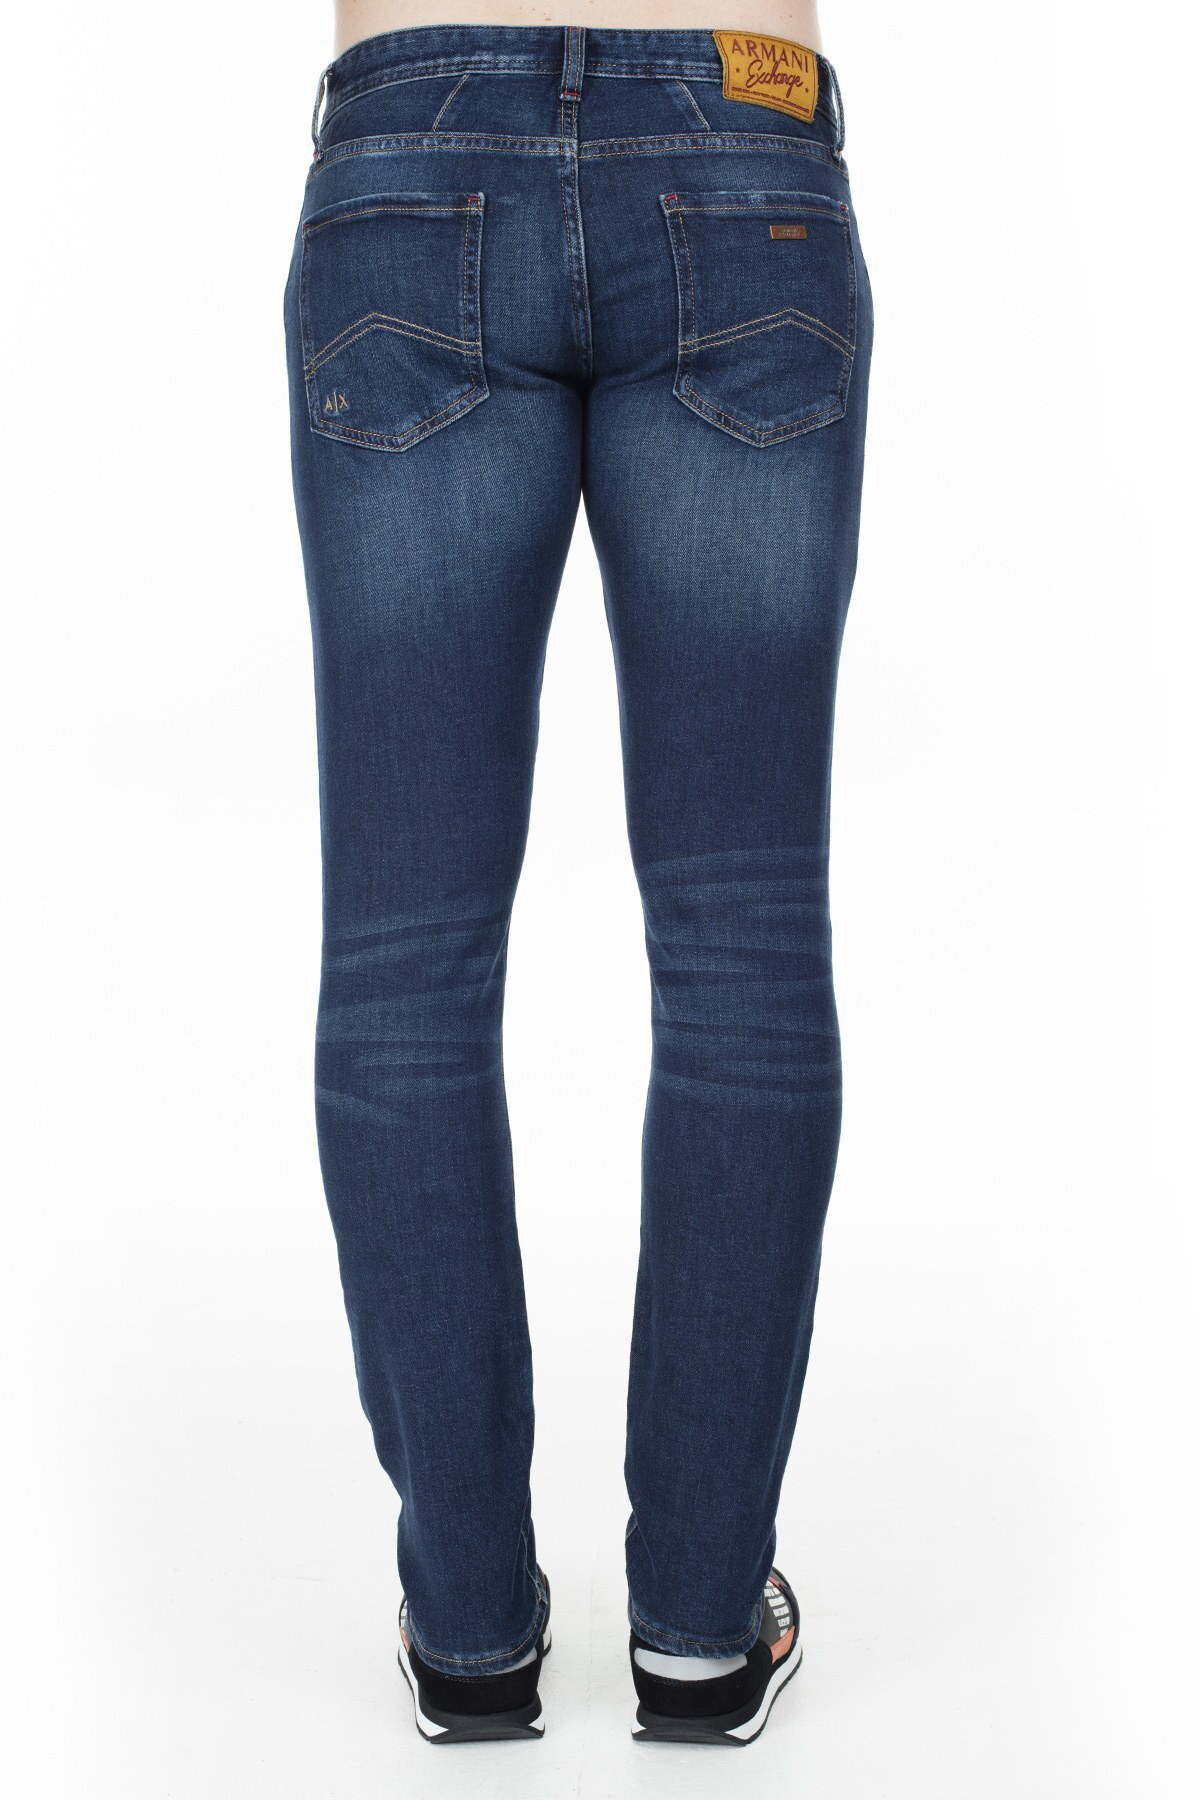 Armani Exchange J14 Jeans Erkek Kot Pantolon 6GZJ14 Z1RLZ 1500 LACİVERT